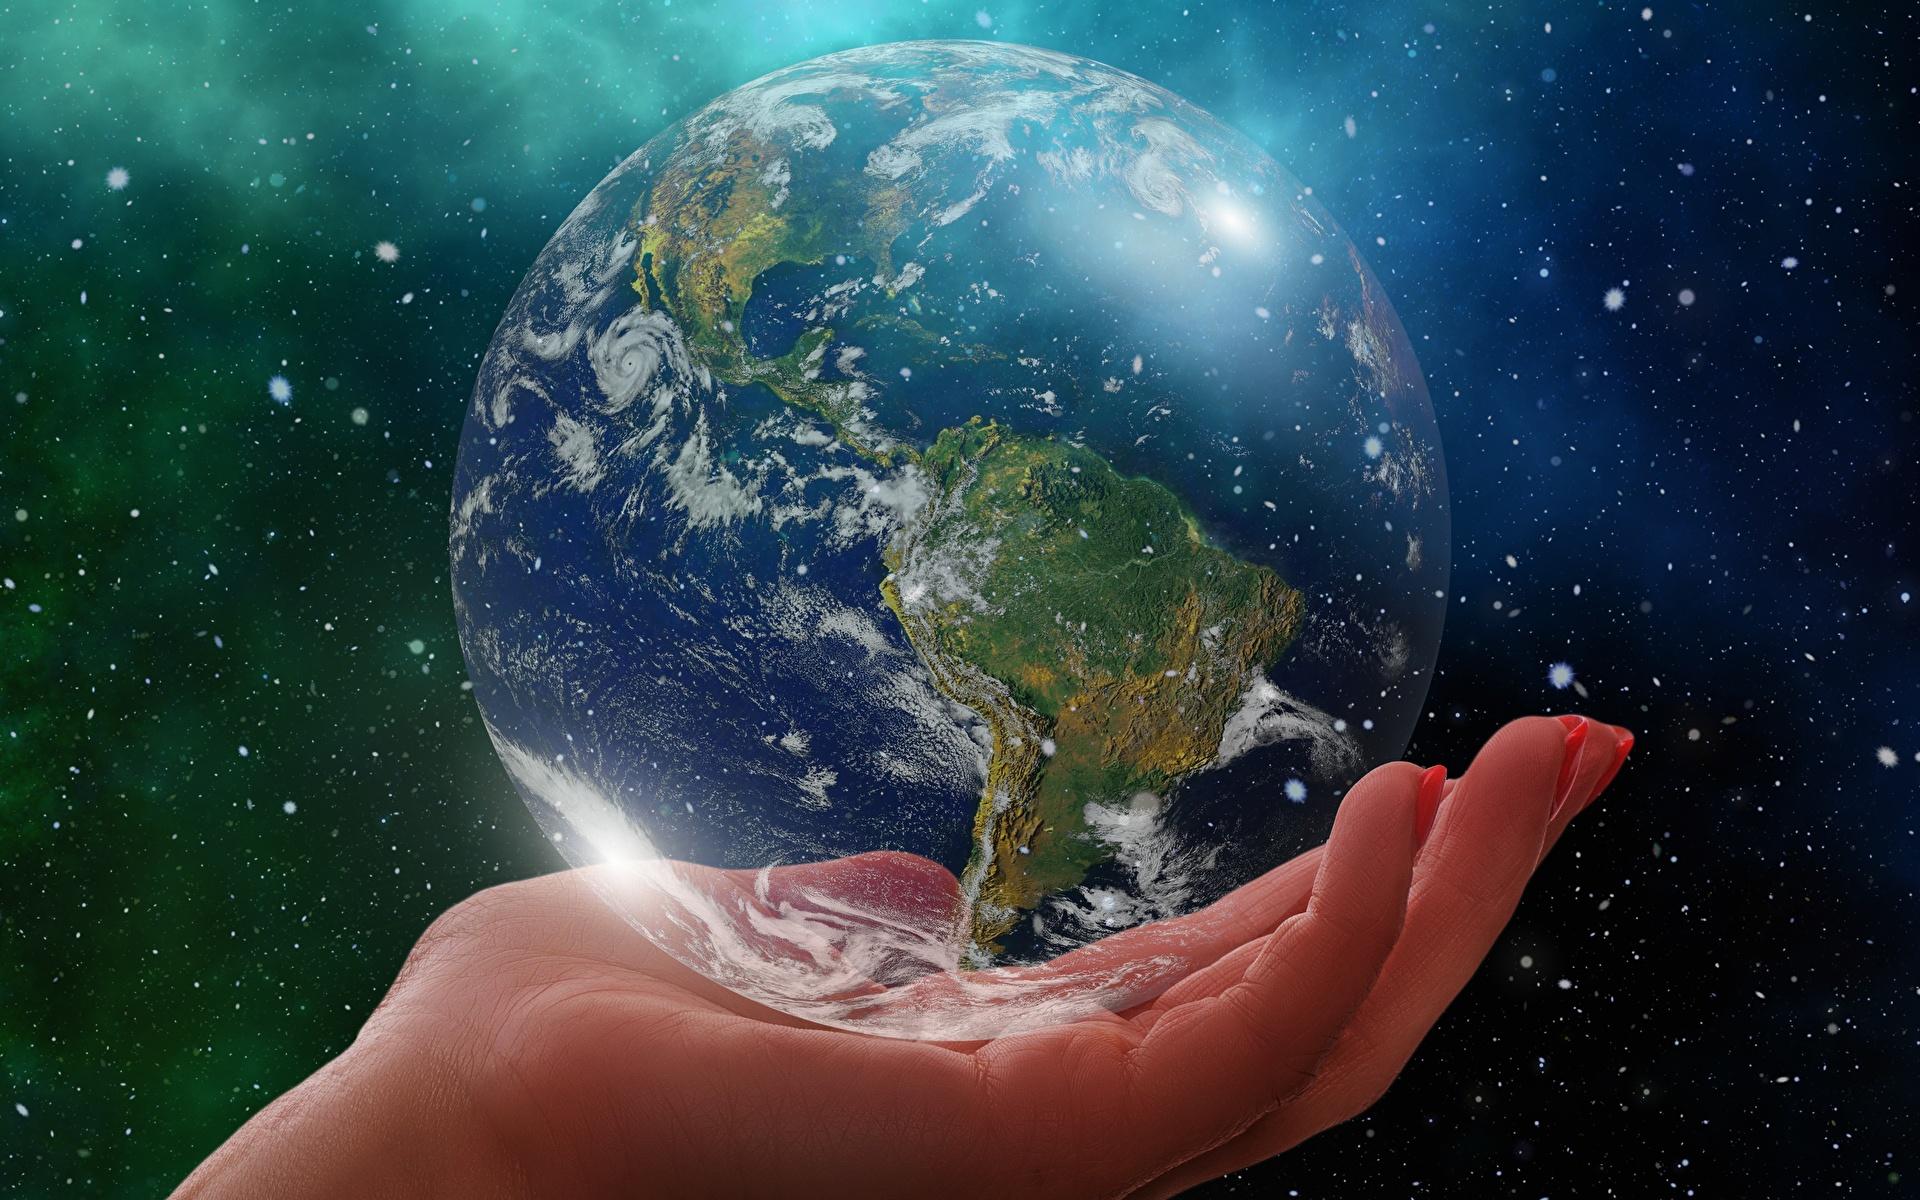 Картинки земли Планеты глобусом South America рука вблизи 1920x1200 Земля планета Глобус глобусы Руки Крупным планом